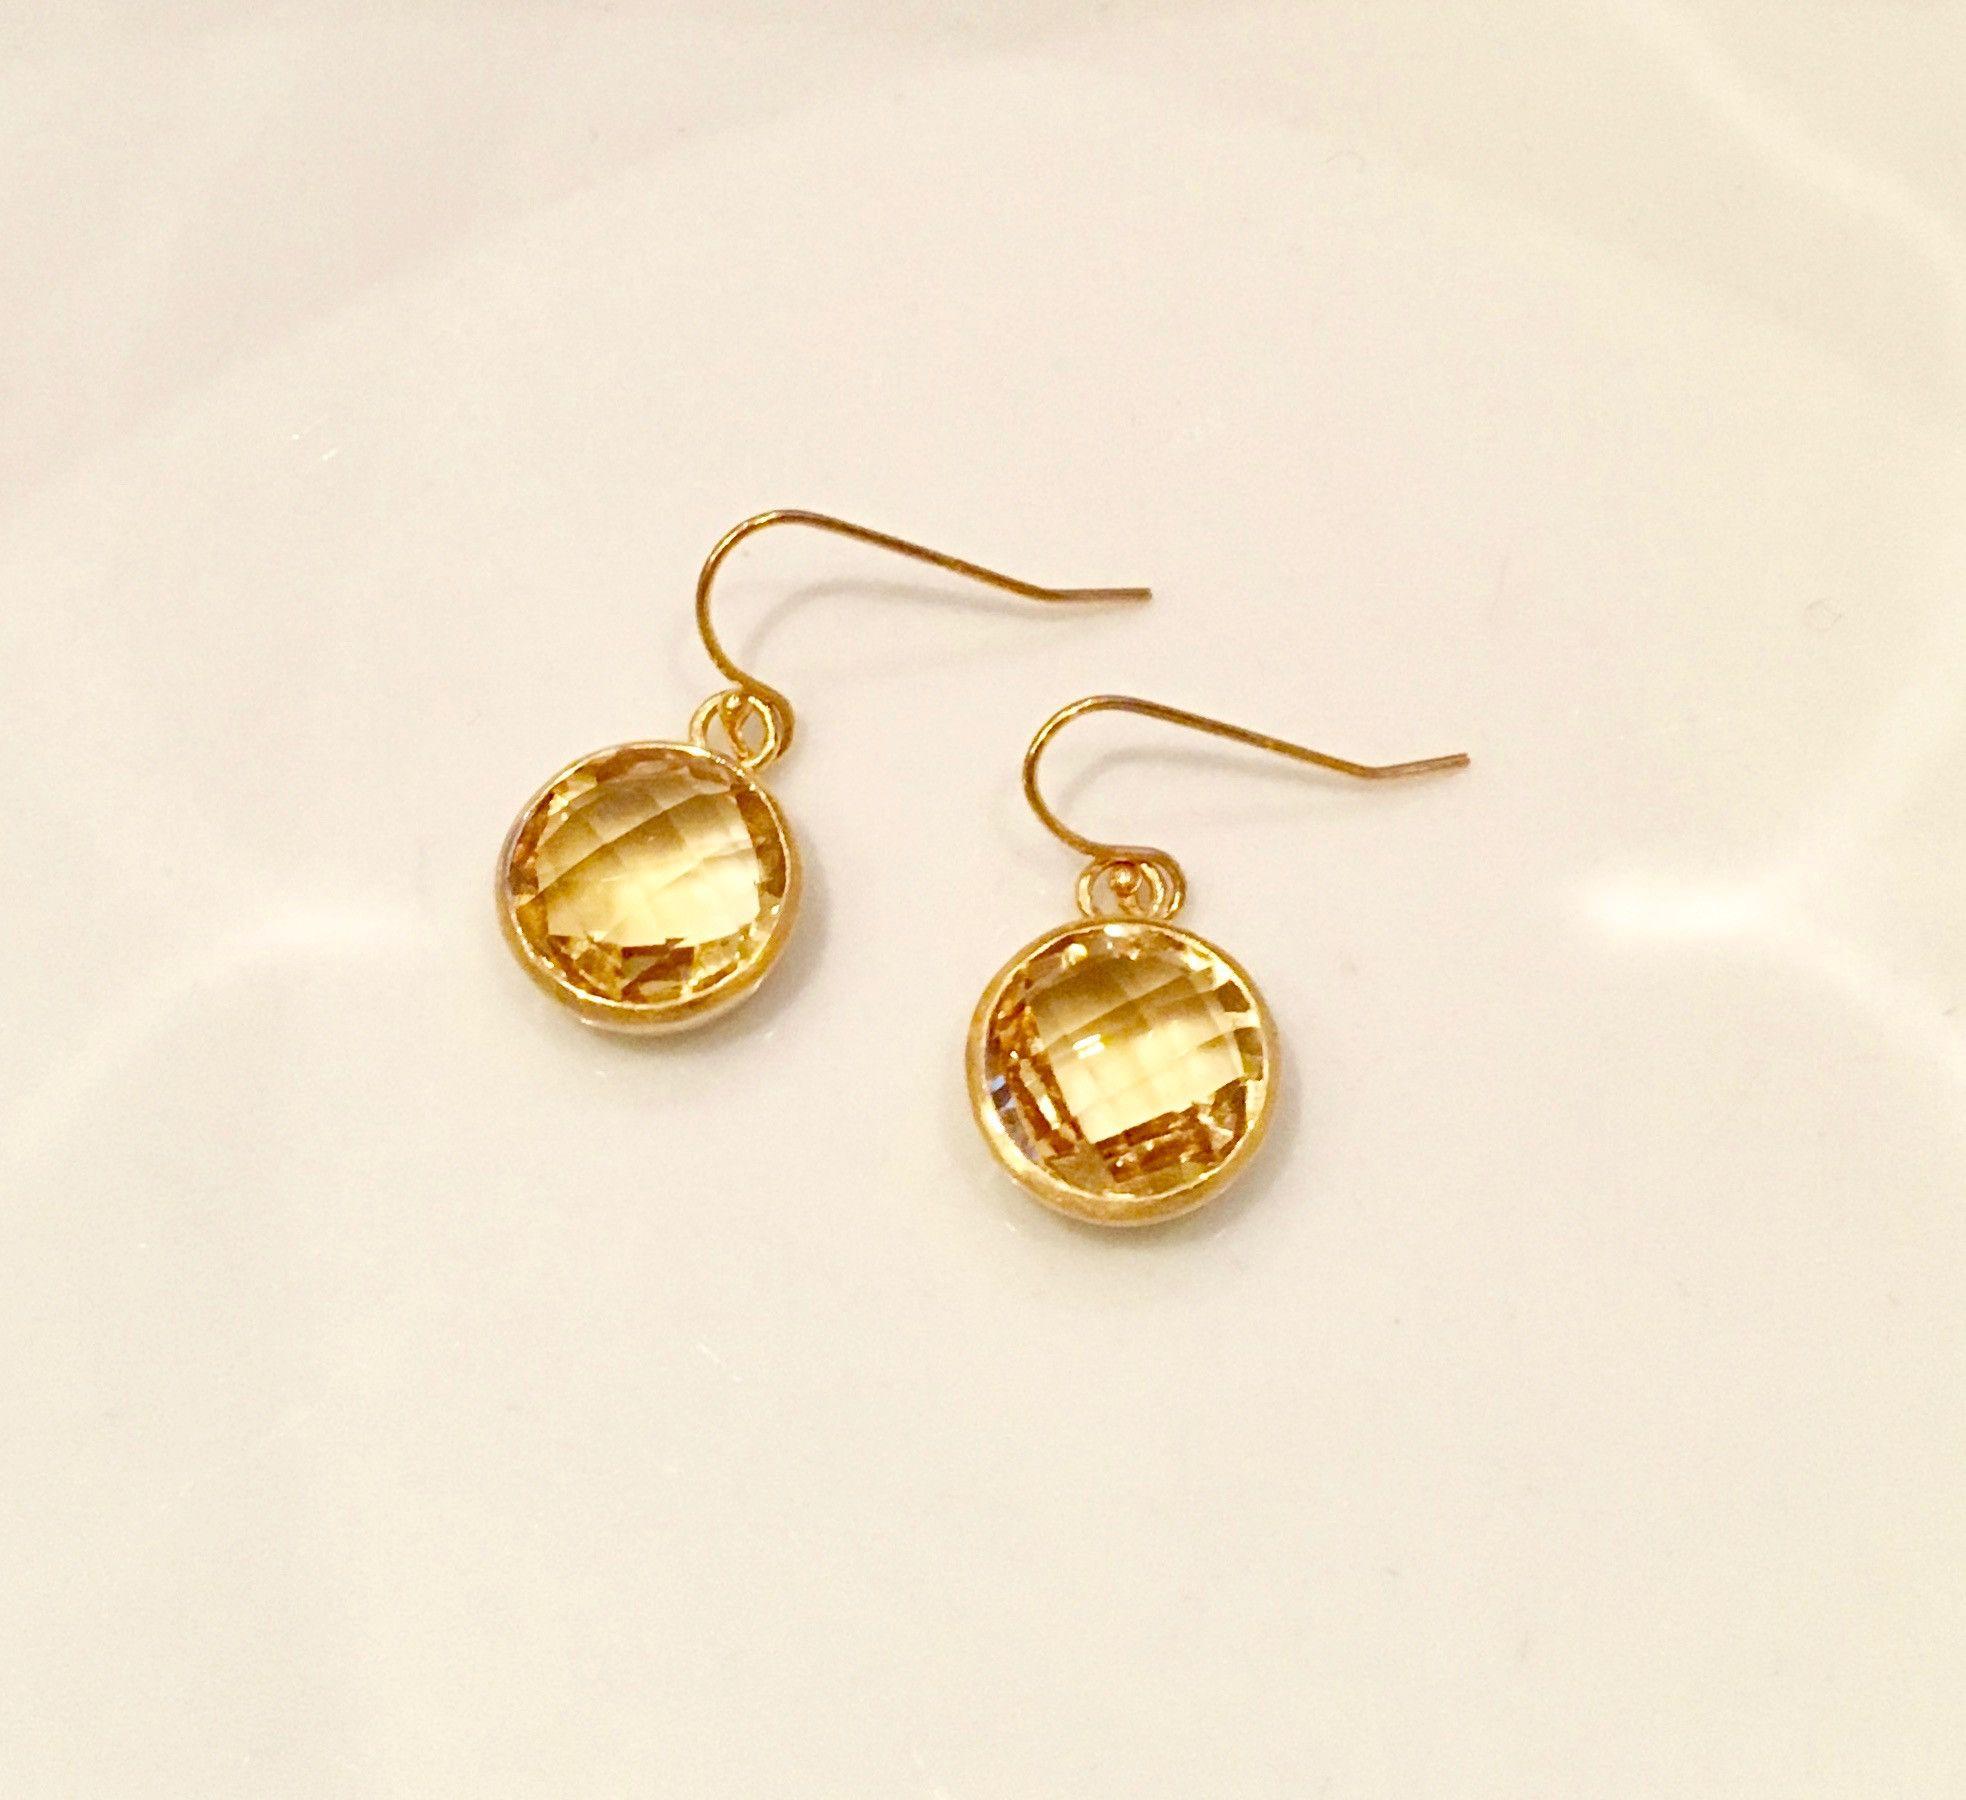 Gold Citrine Earrings Uk 9ct White Gold Citrine Heart